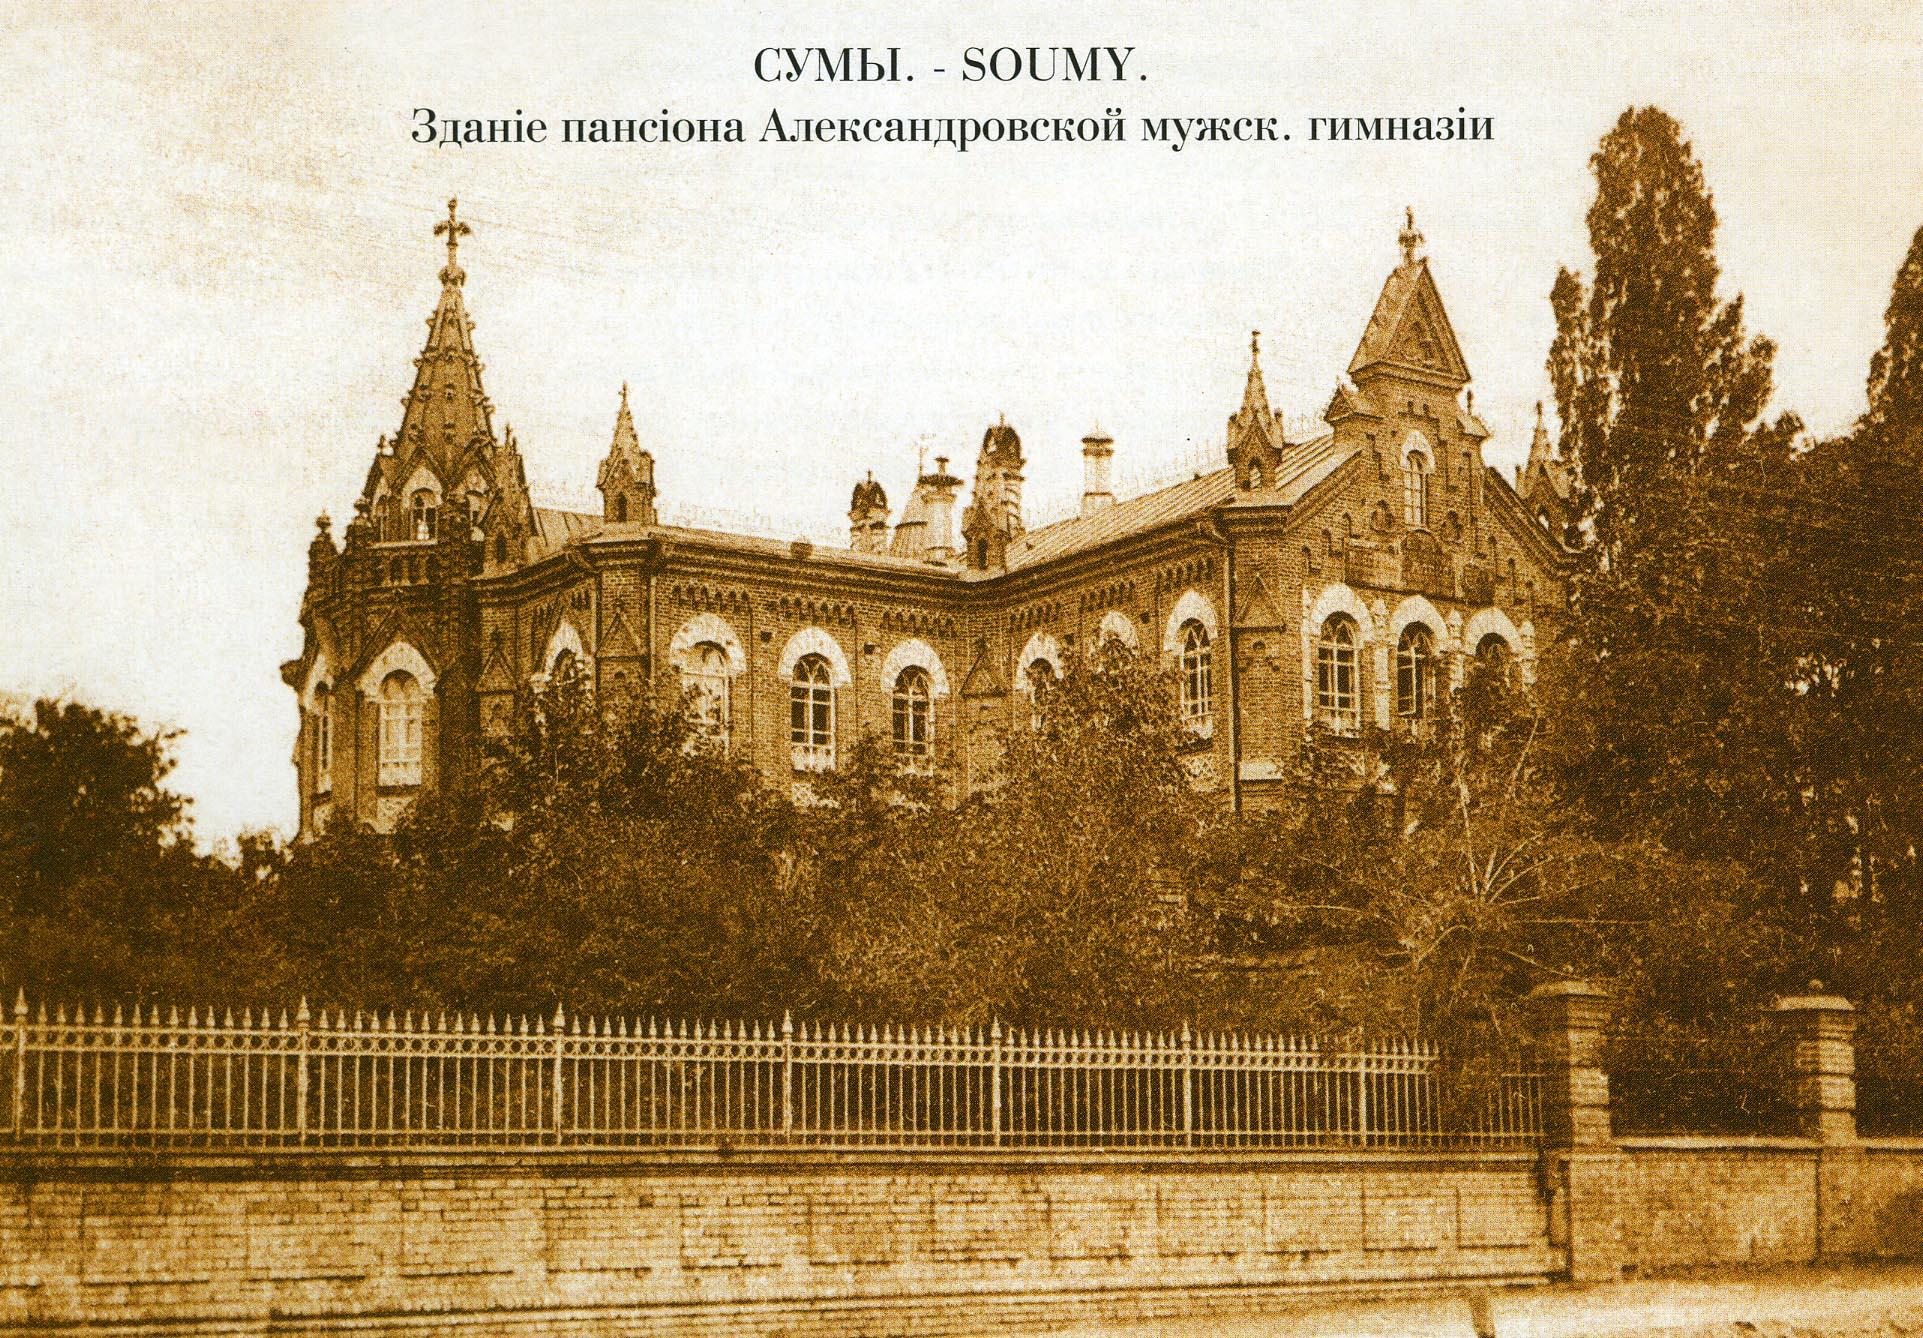 Пансион Александровской мужской гимназии